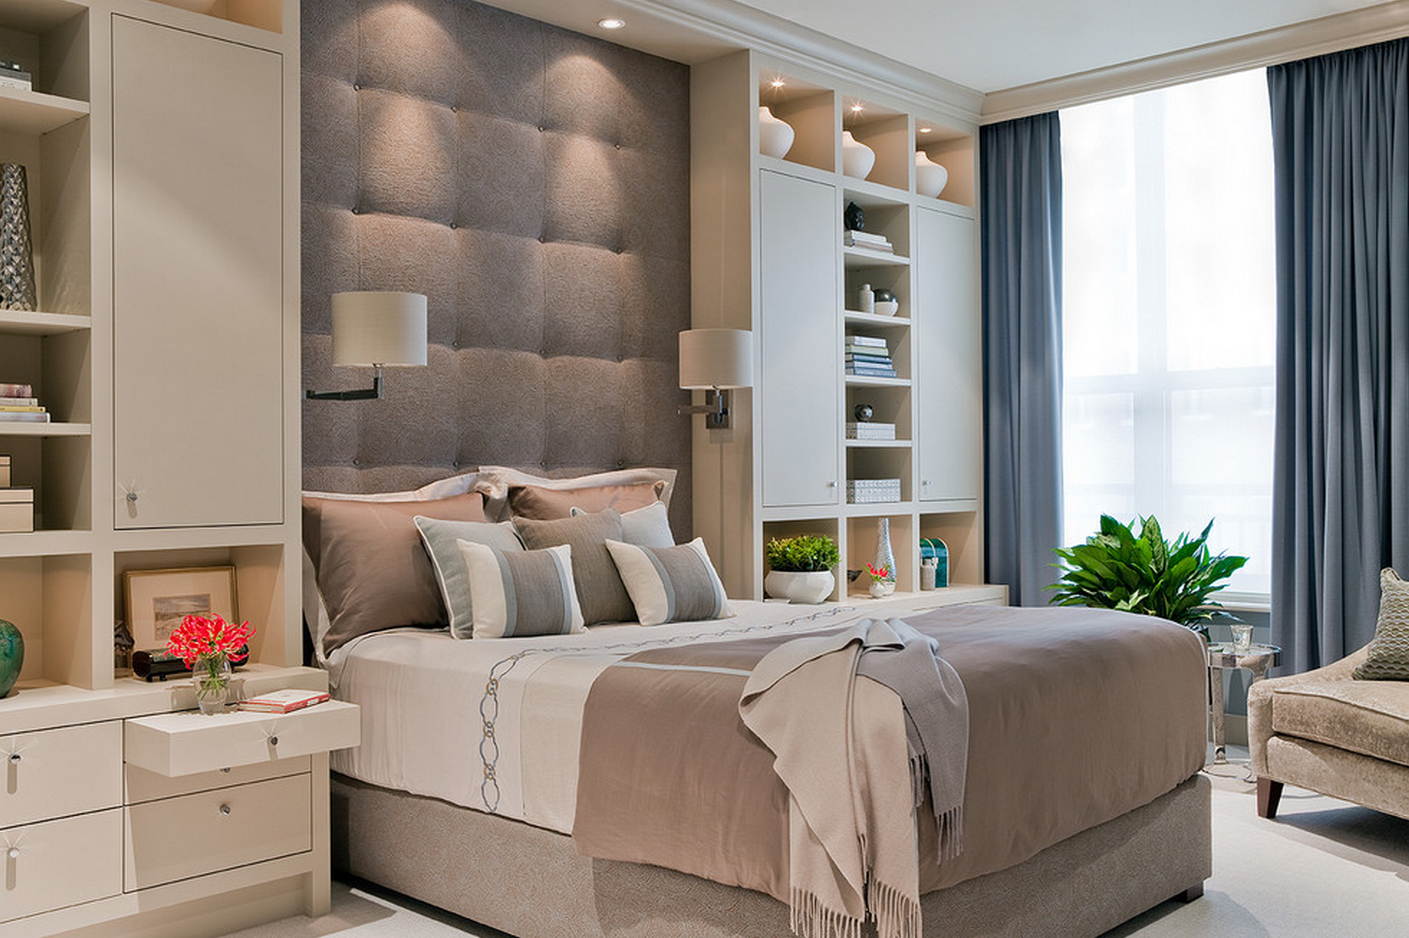 Аксессуары в современной спальне в спокойных тонах